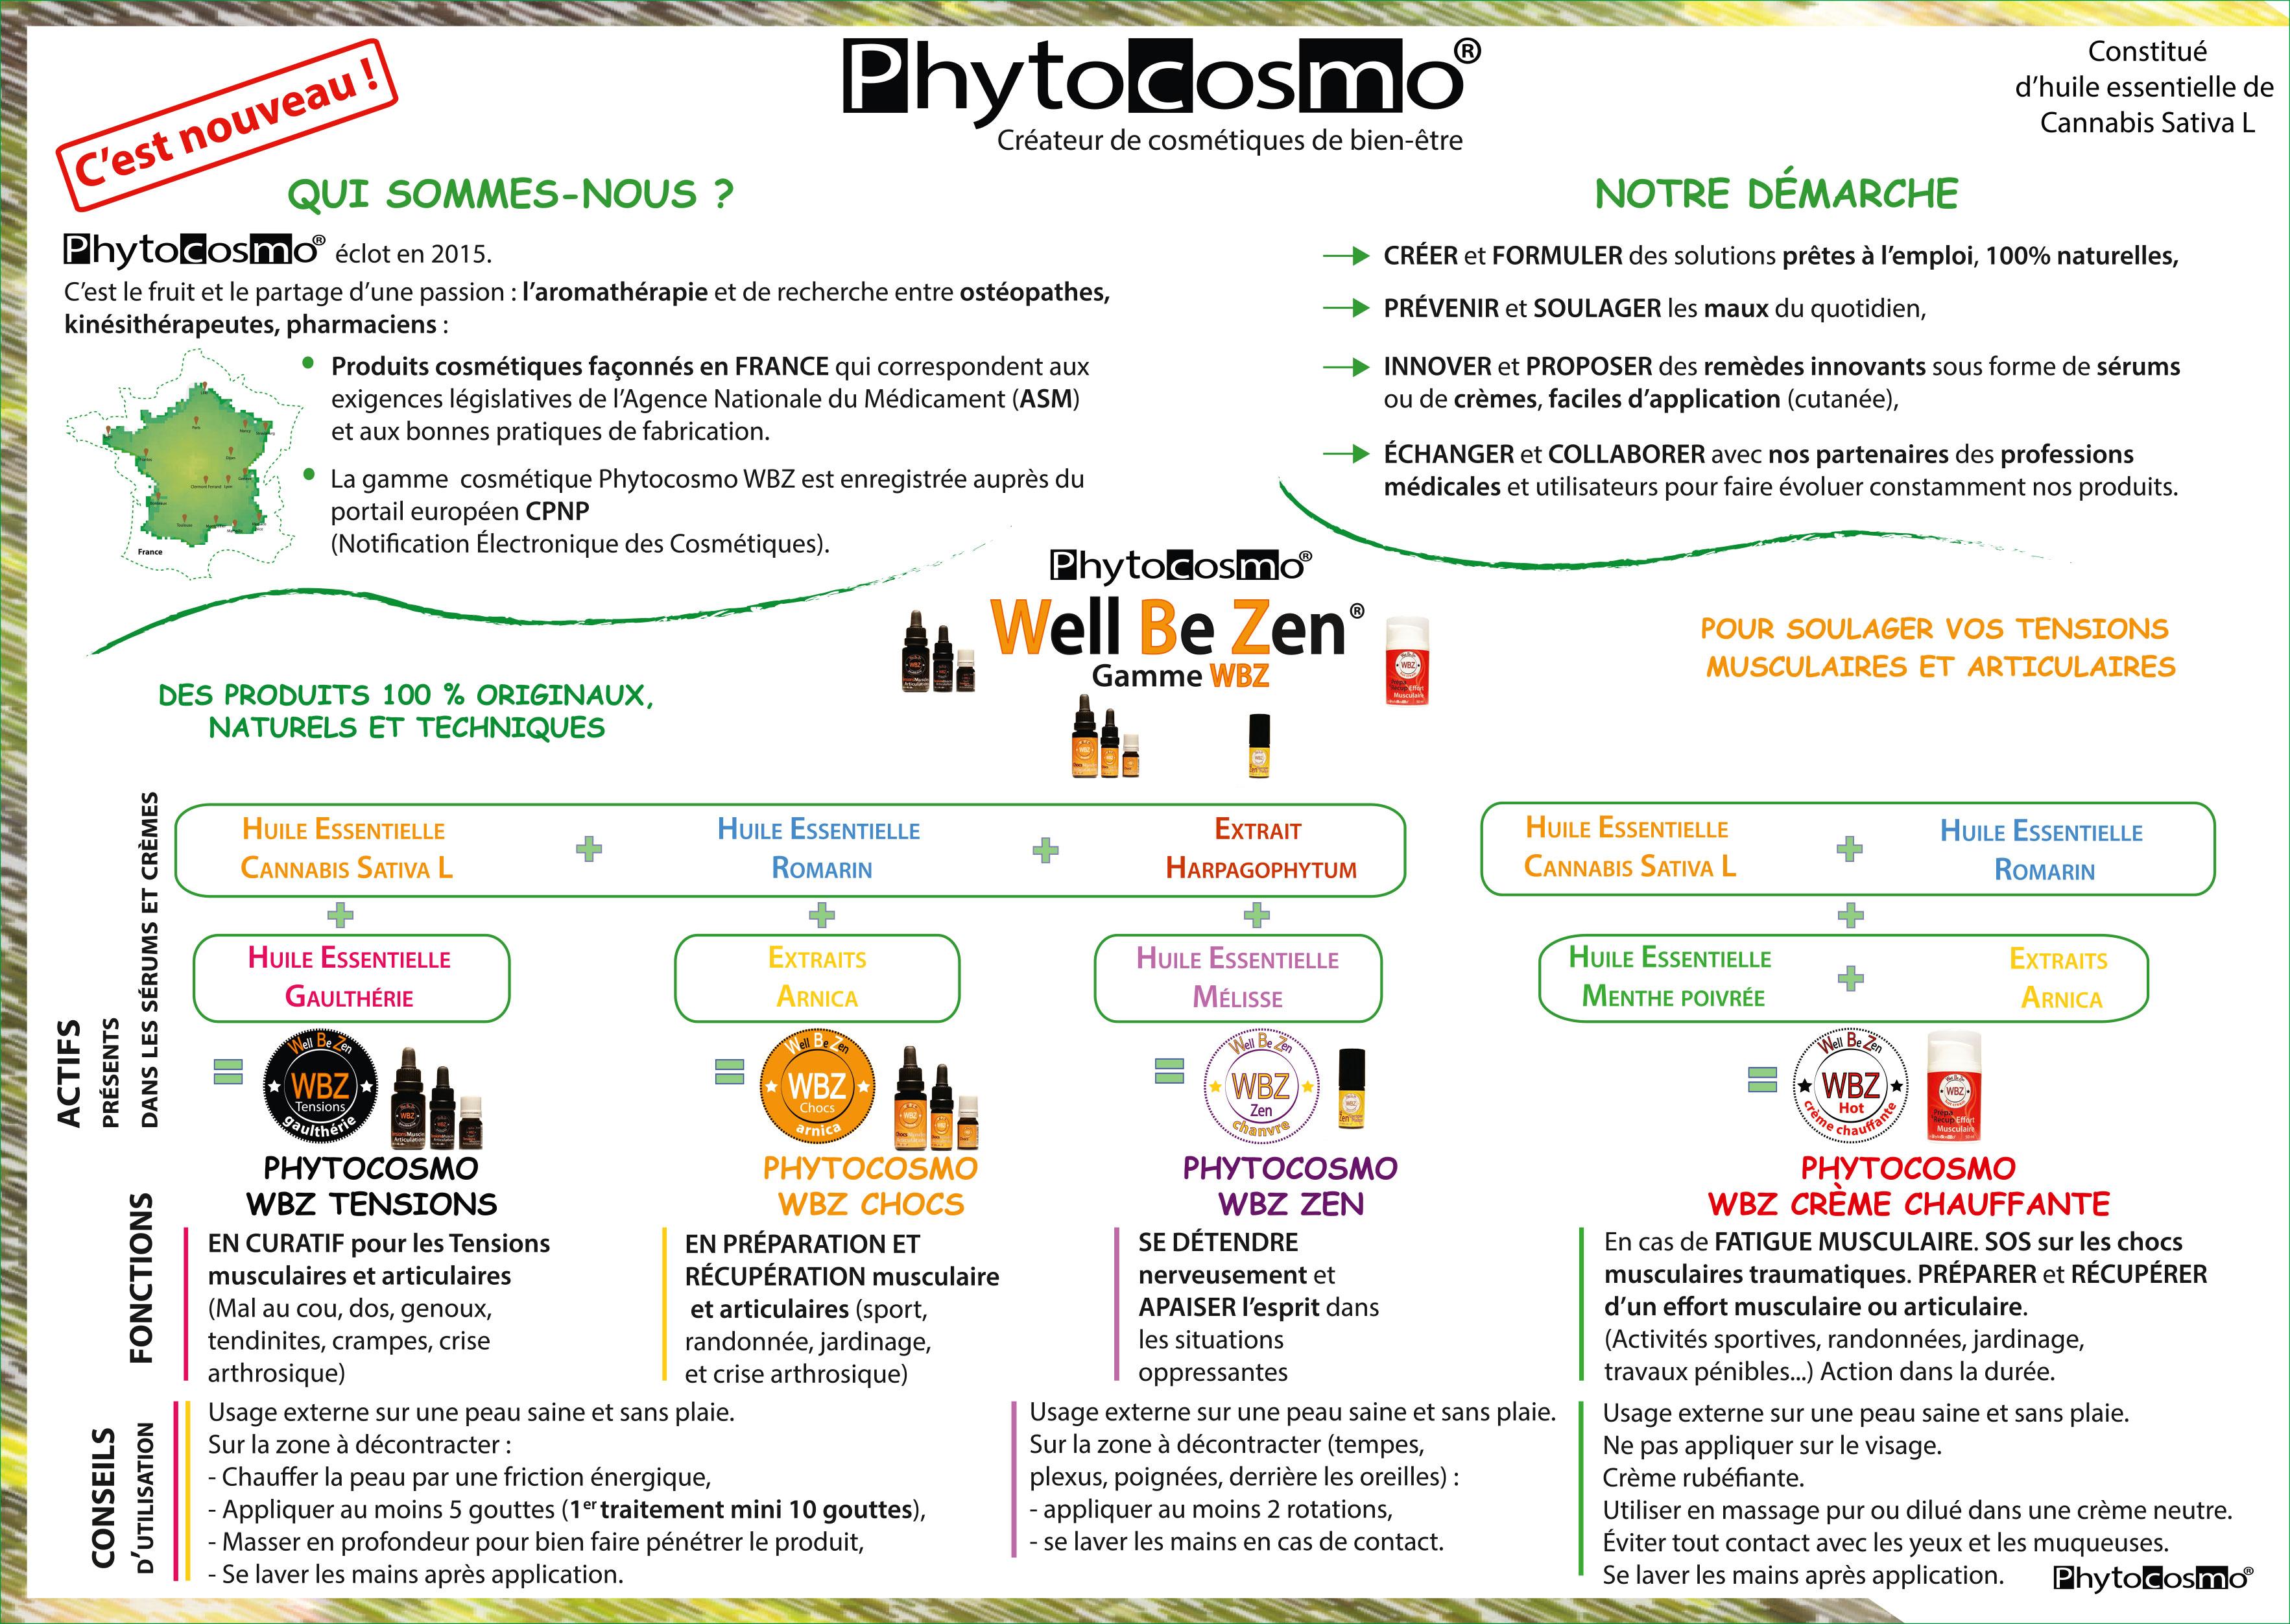 depliant-phytocosmo-présentation-recto